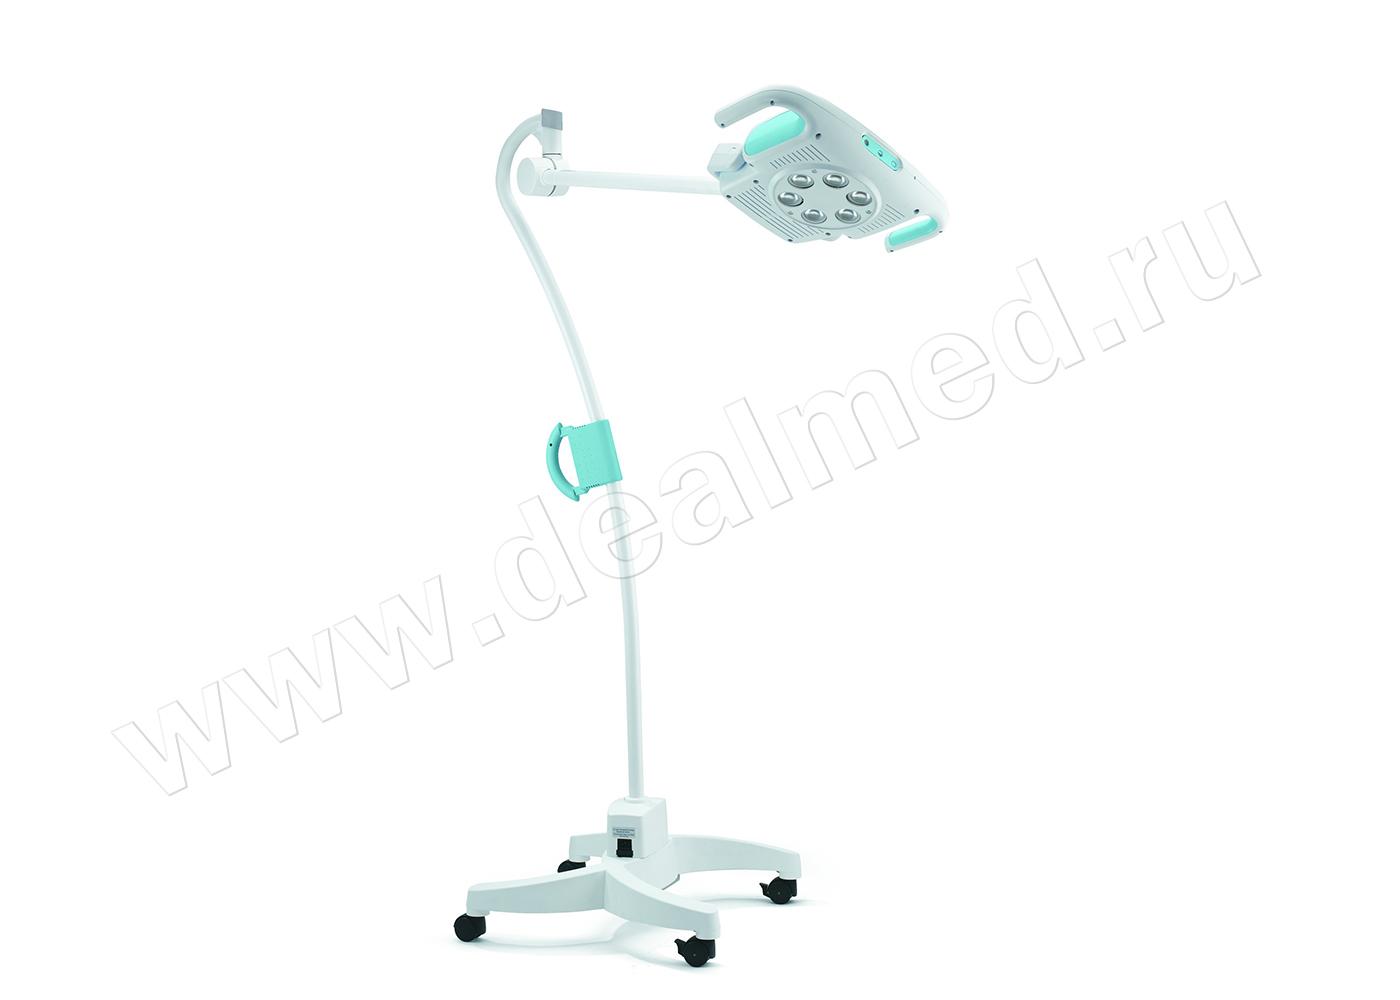 Процедурный светильник GS 900